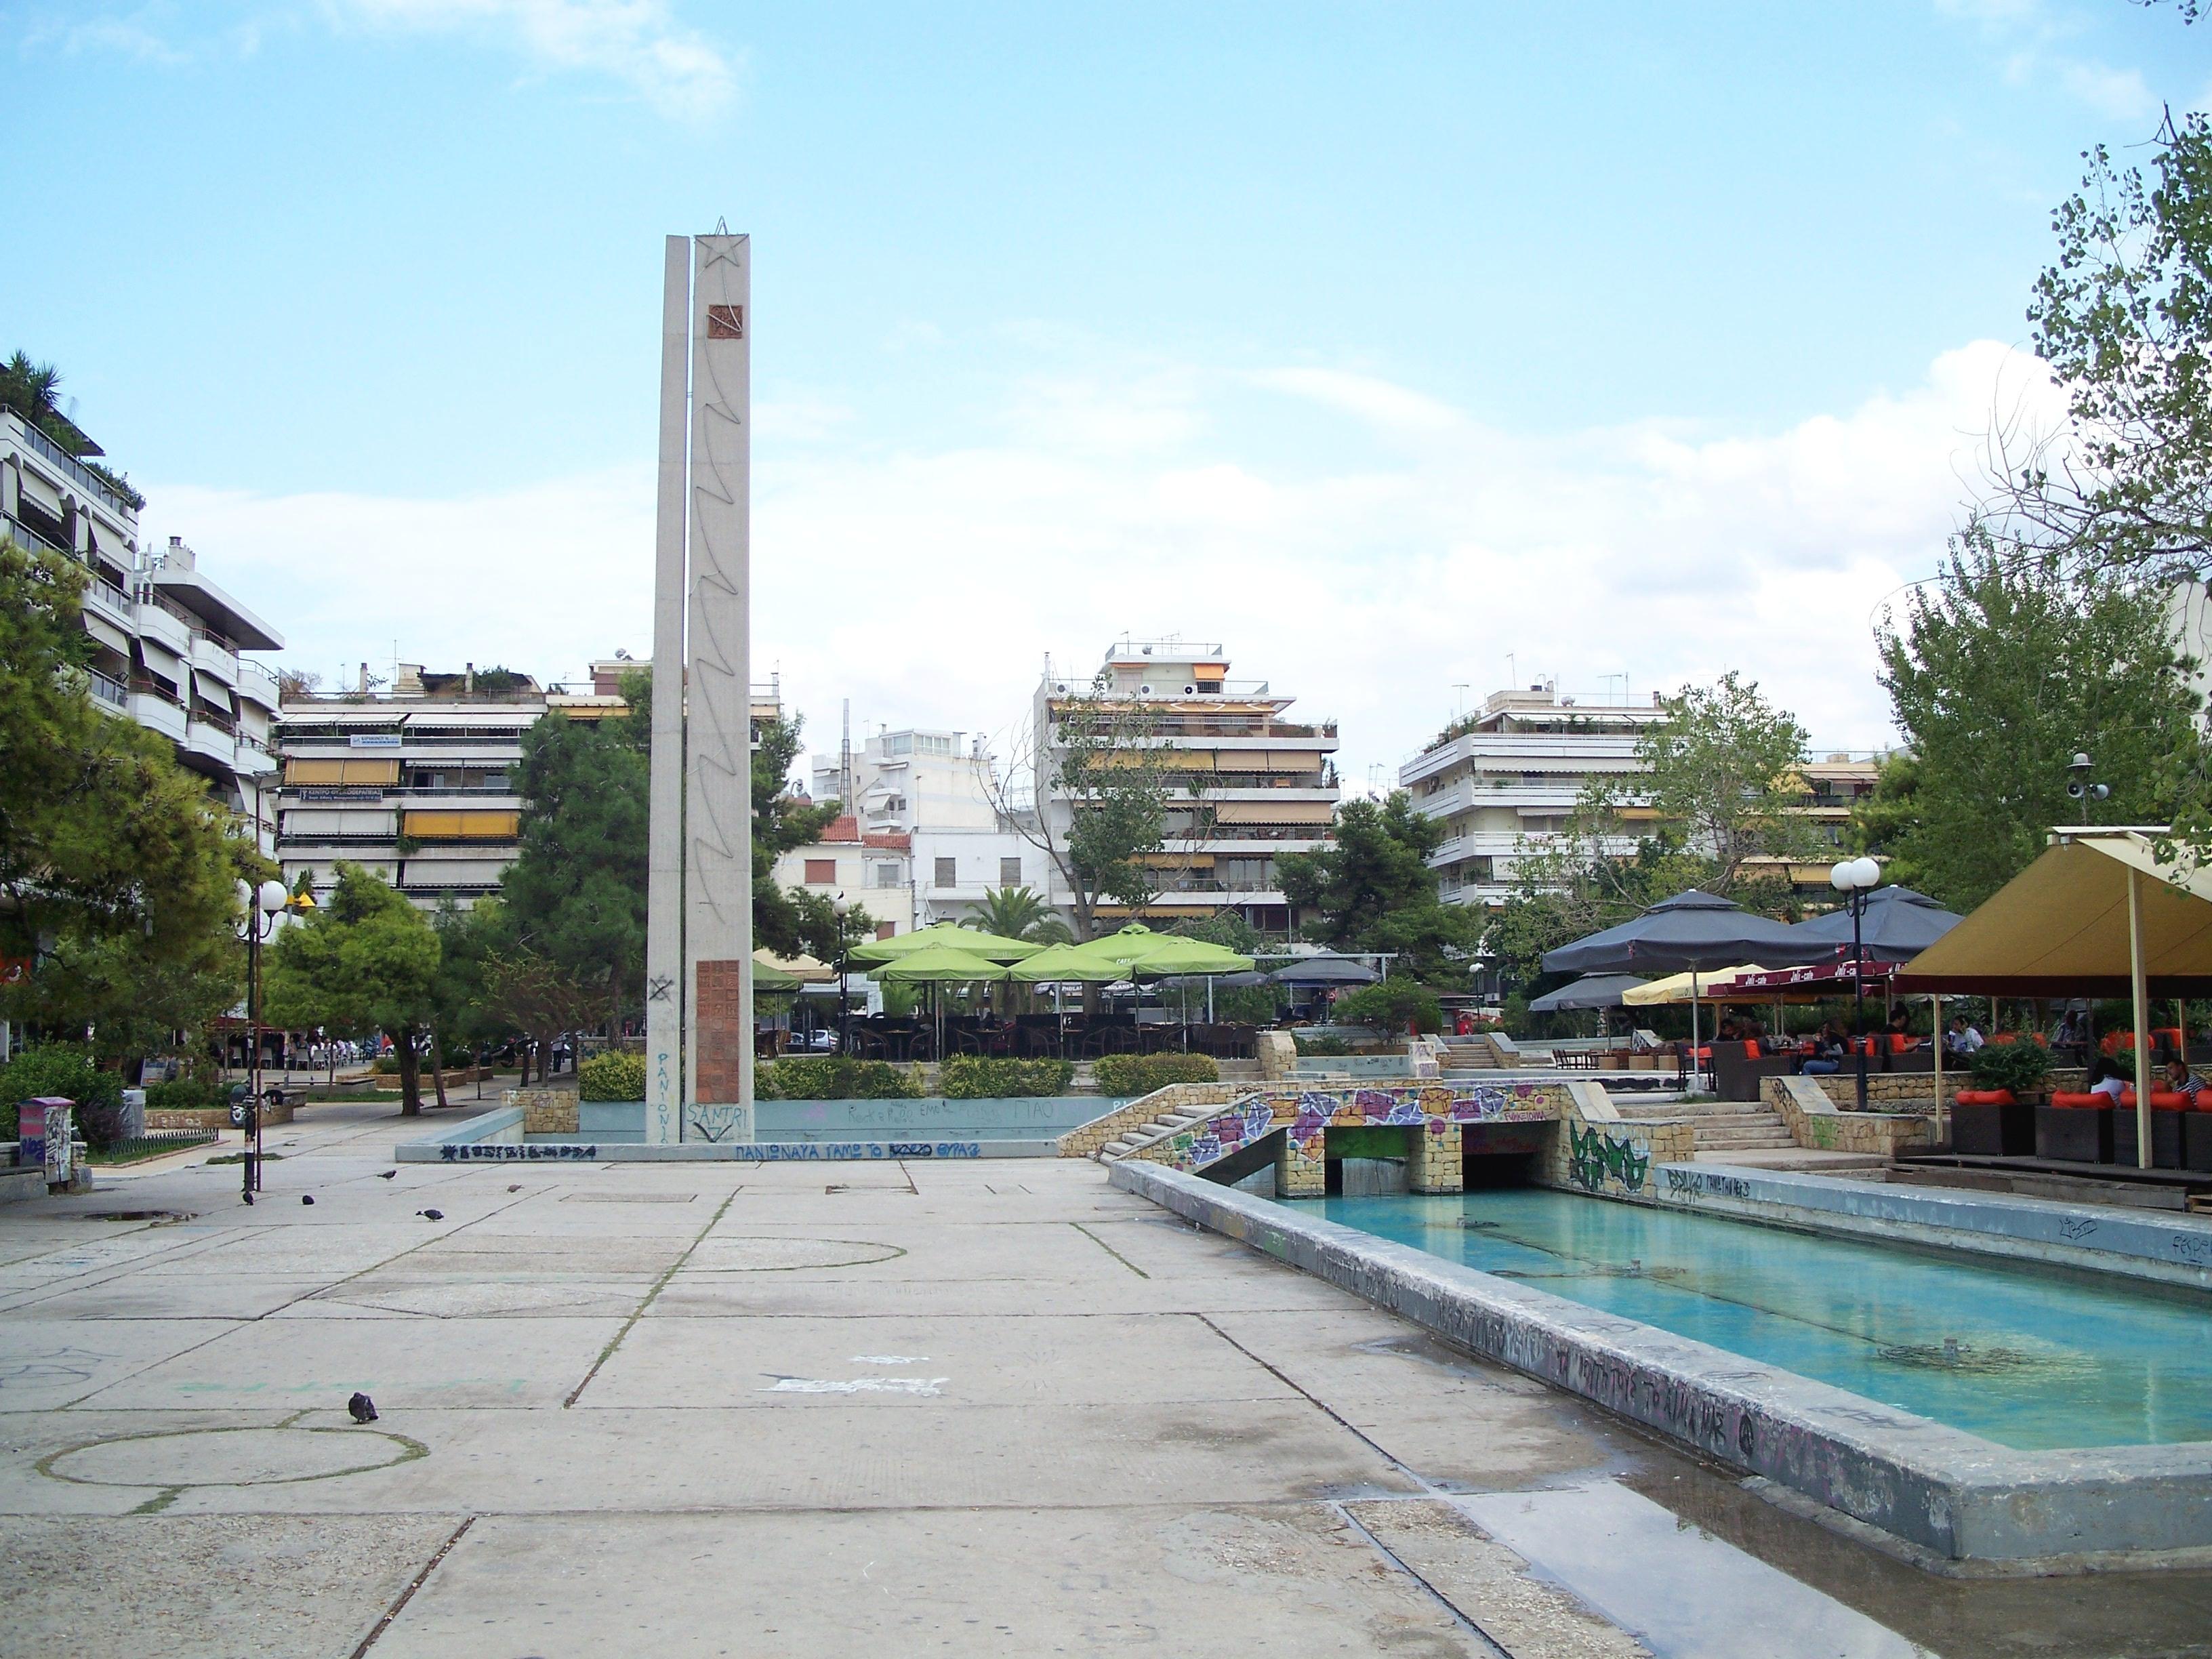 Nea_Smyrni_Central_square